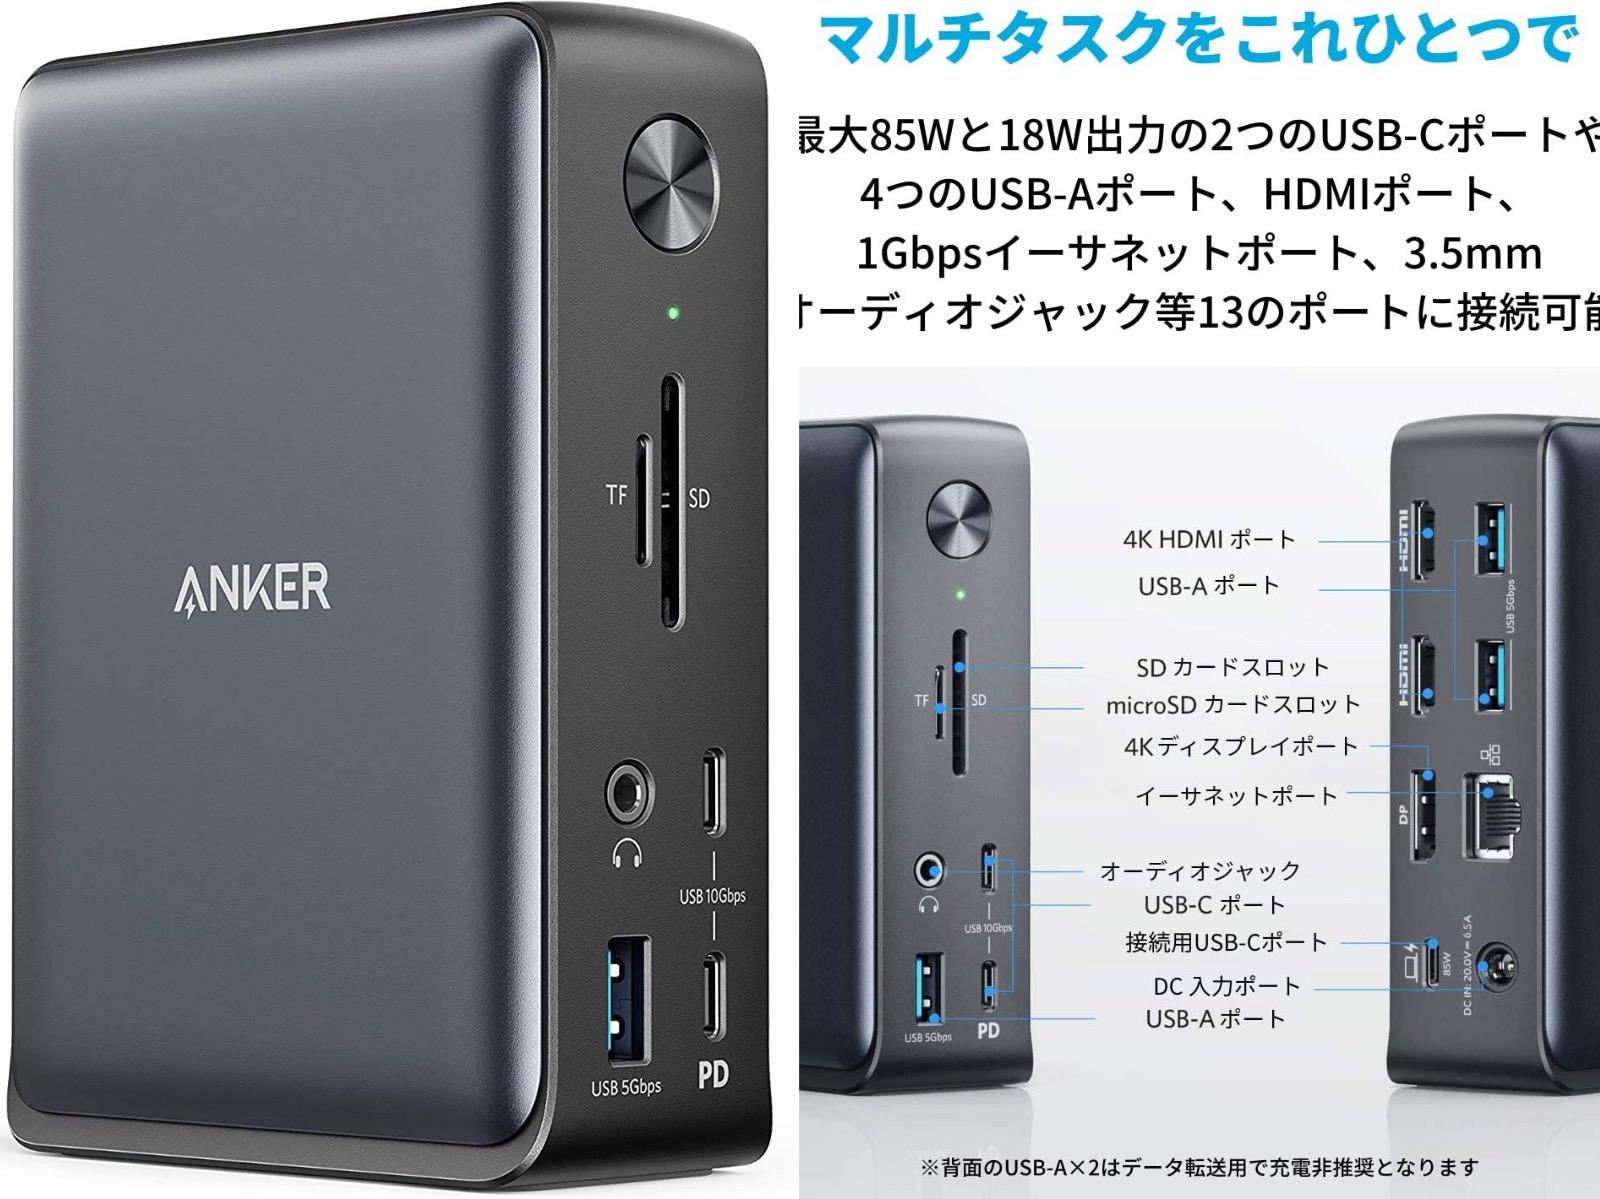 Anker PowerExpand 13 in 1 Thunderbolt 3 Dock